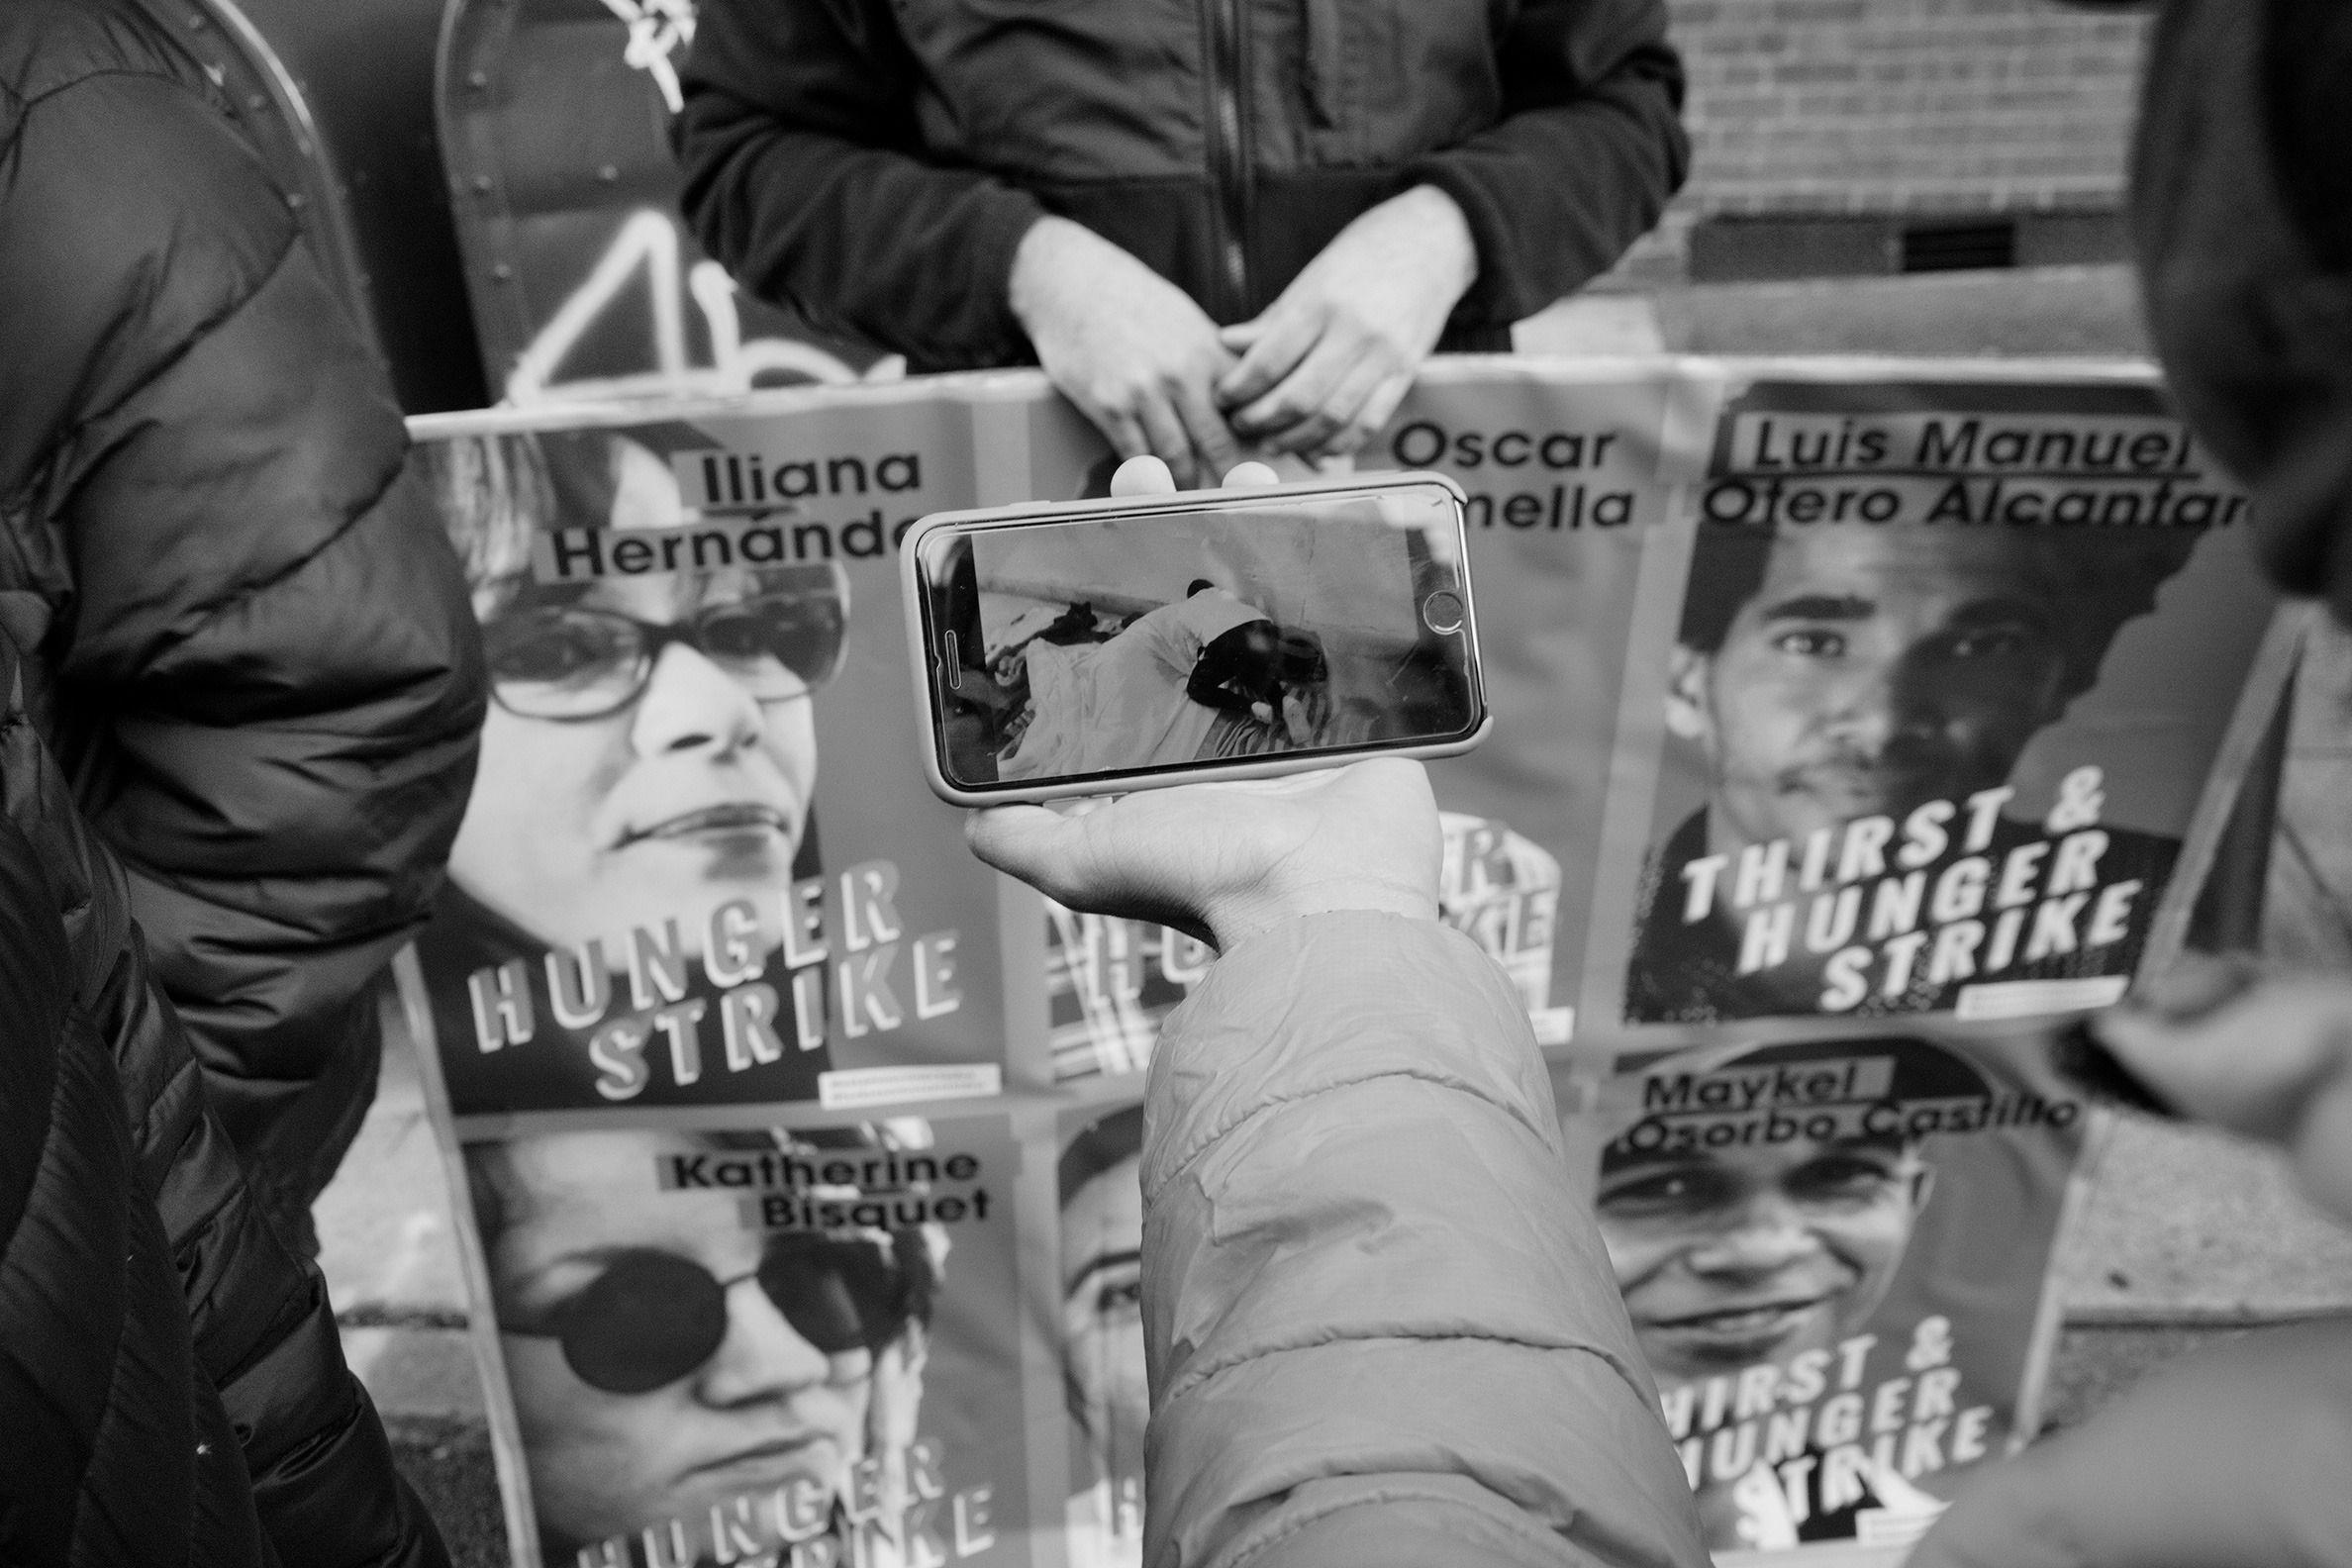 Cubanos en Nueva York se manifiestan en apoyo al movimiento San Isidro 10 | Rialta